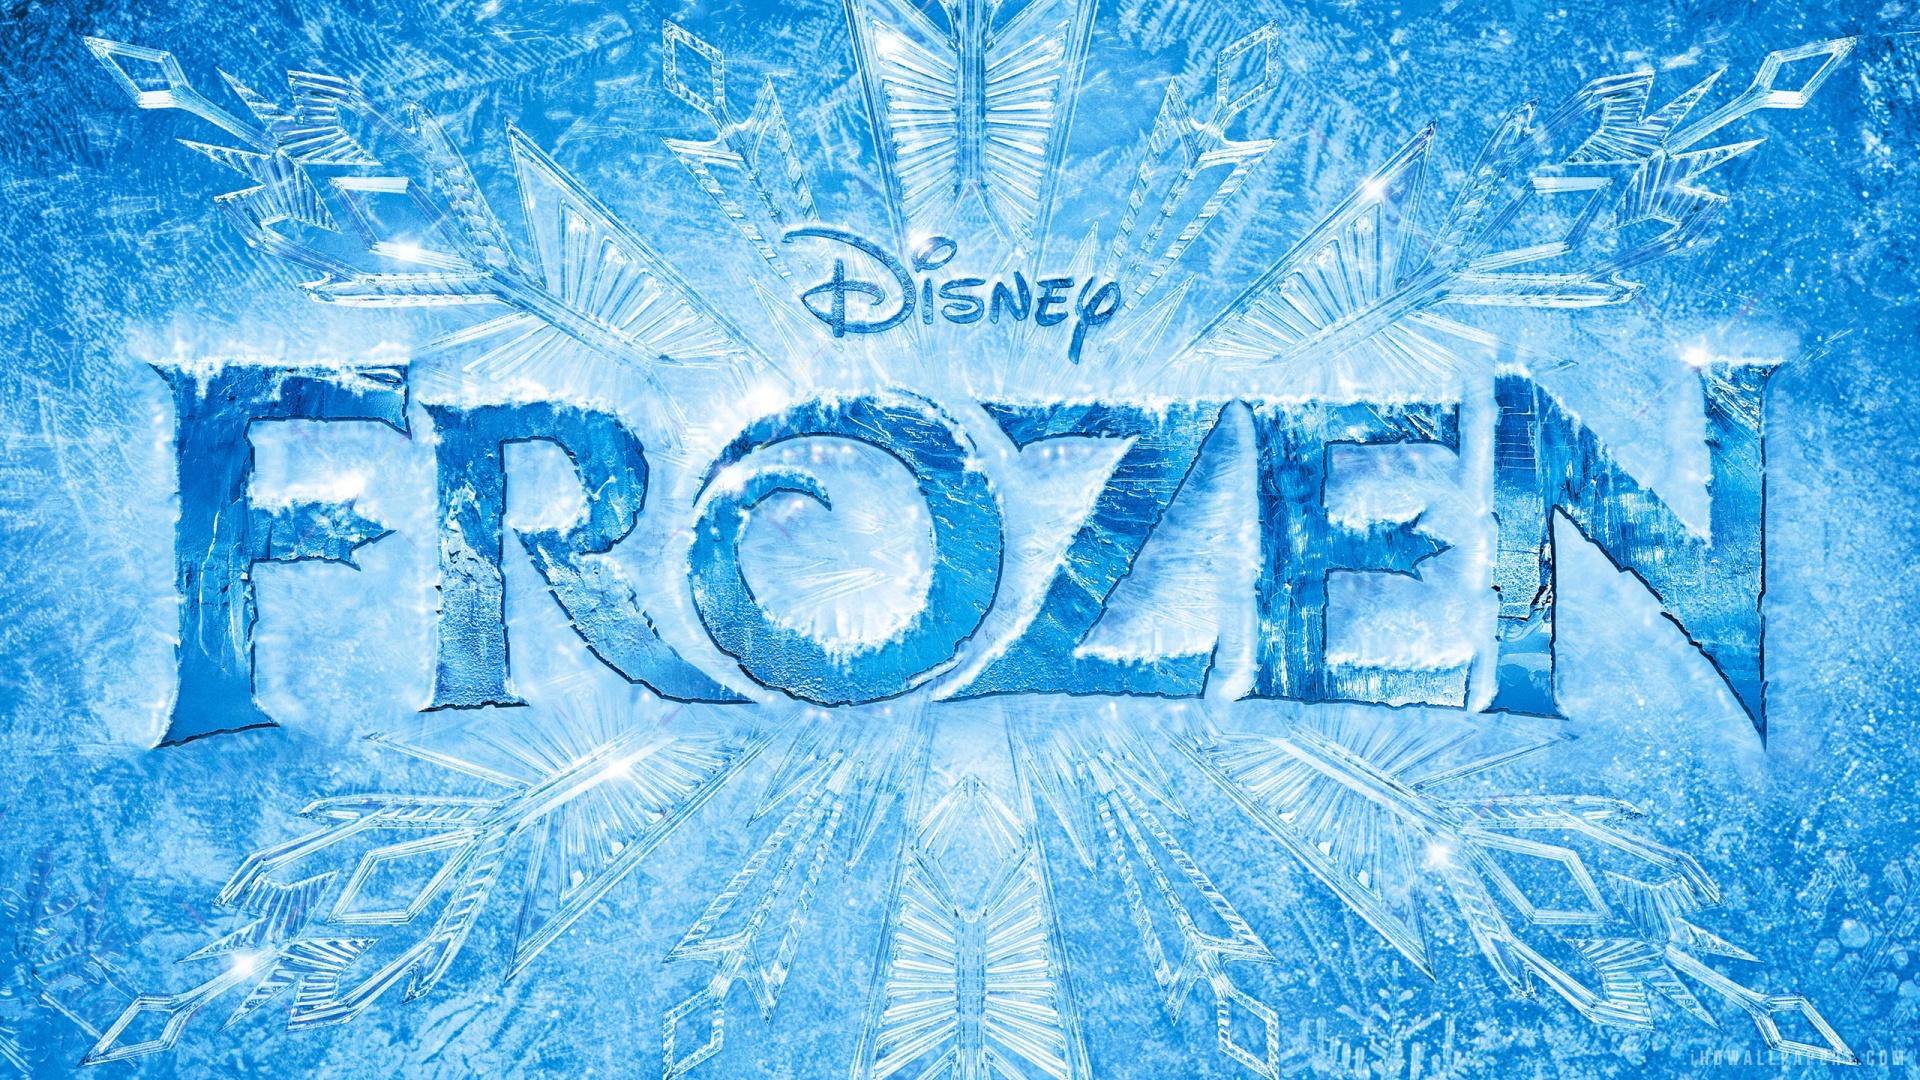 frozen-disney-movie